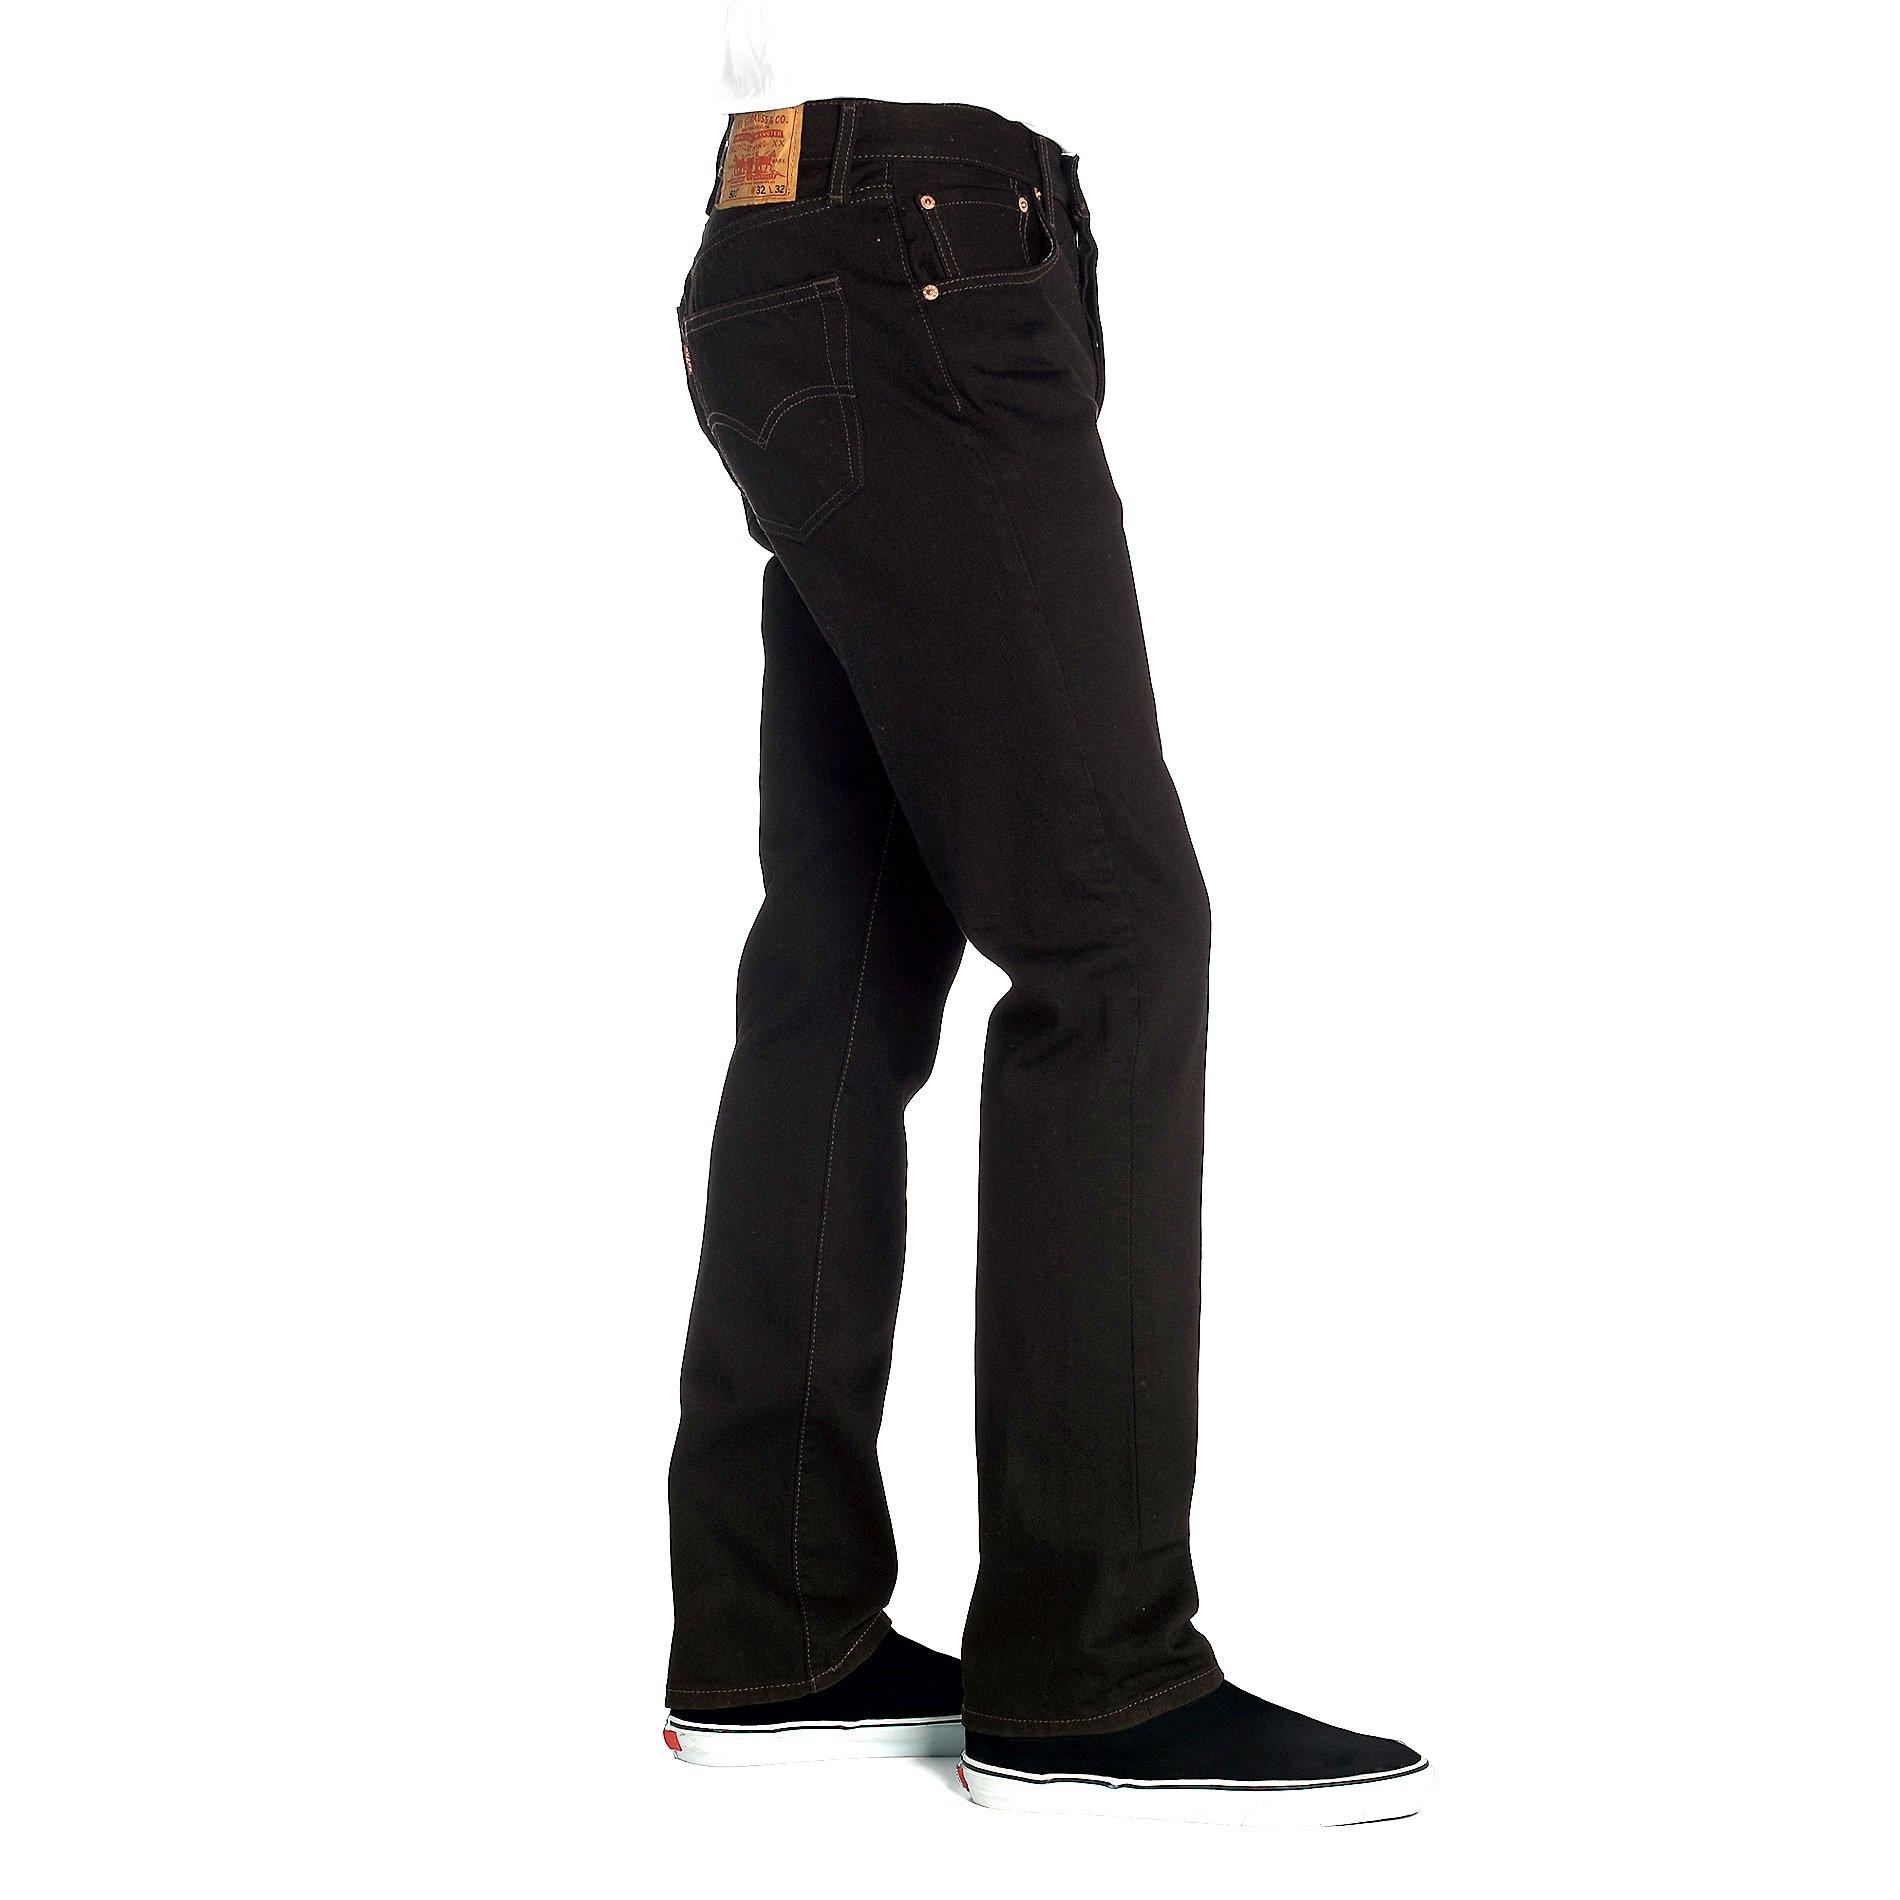 Jeans 501 Levis Original Fit Levi's